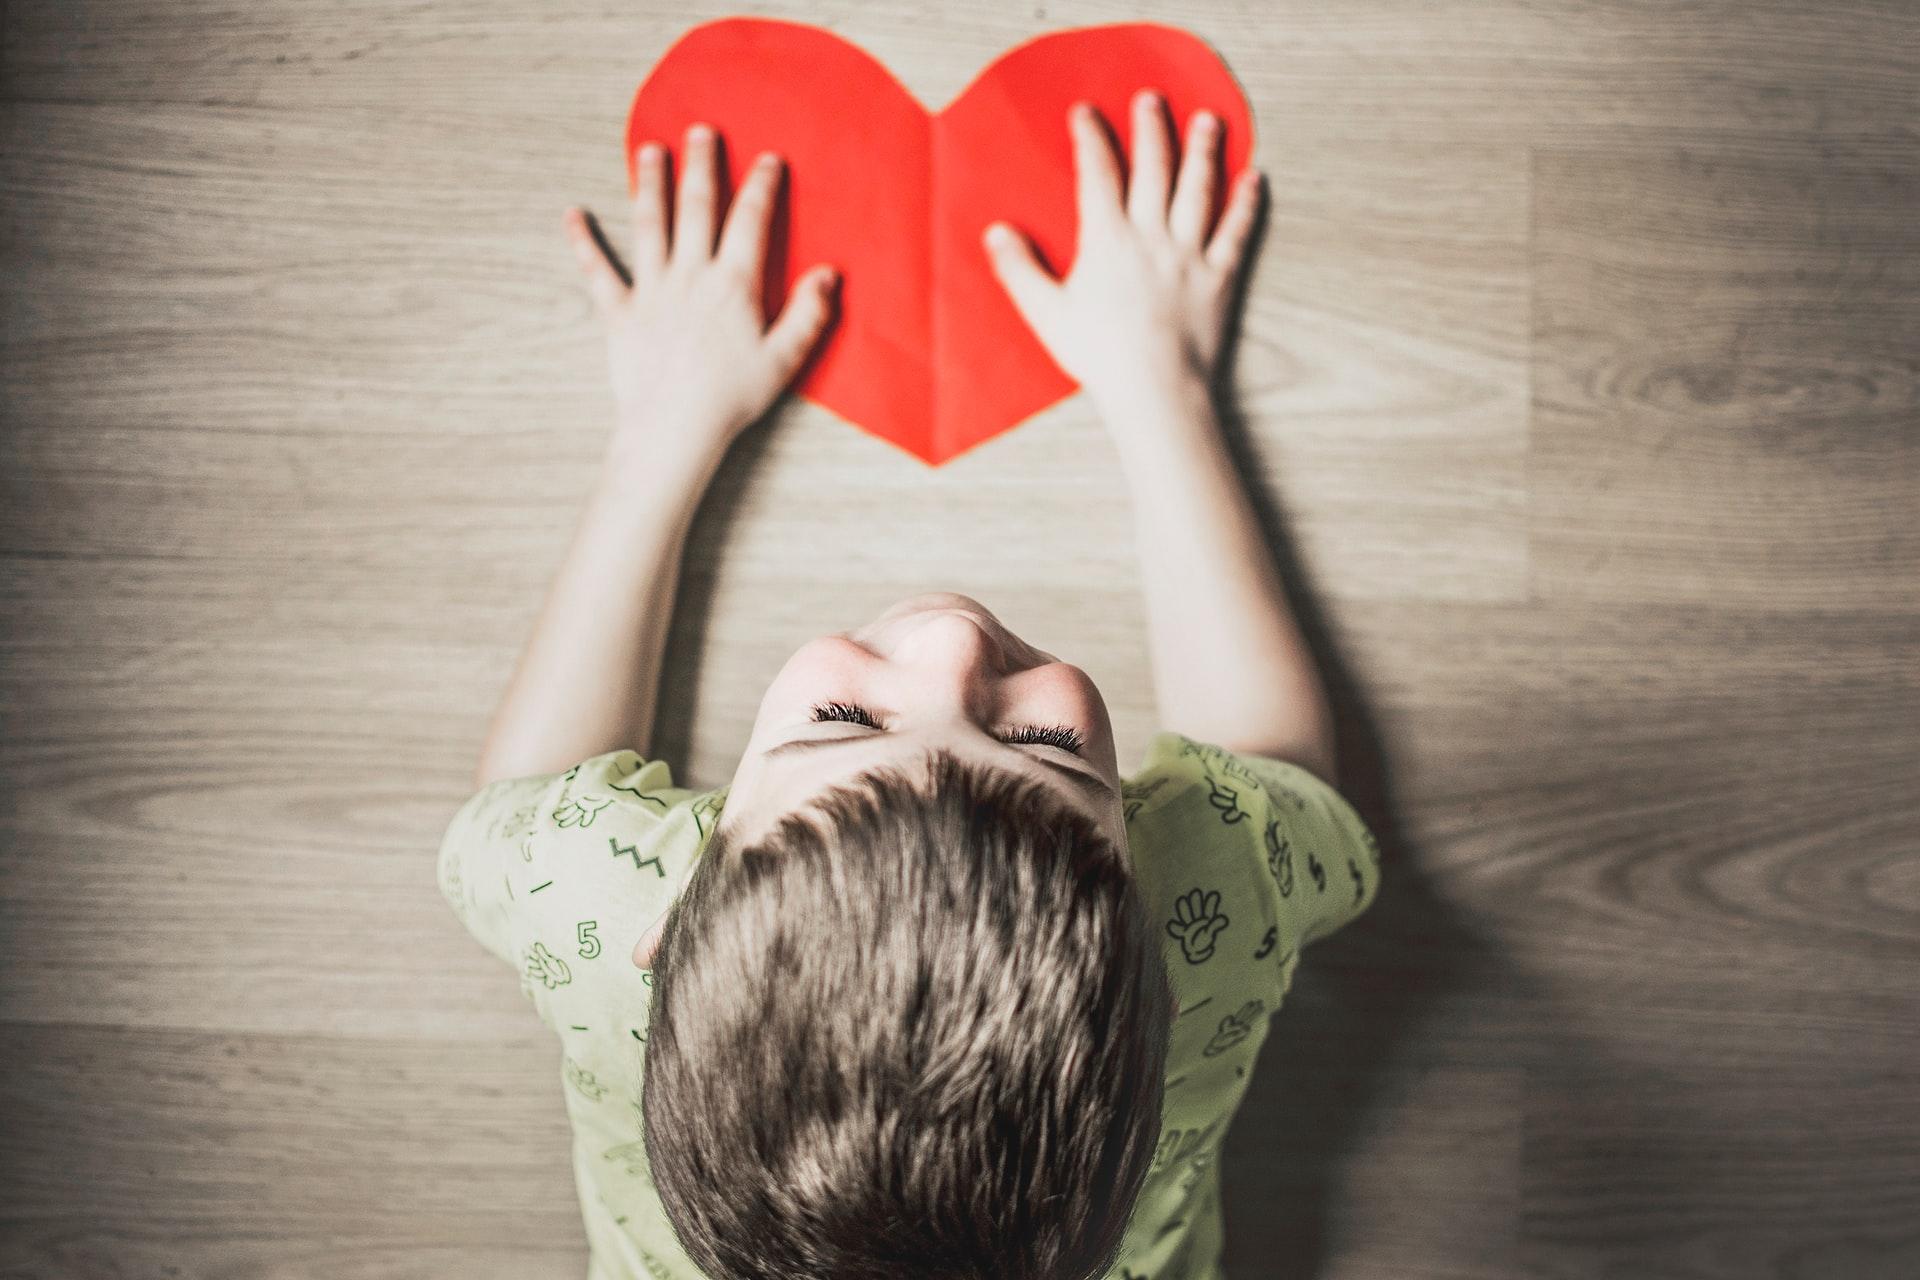 Byg en kærlighedsbro når børn savner